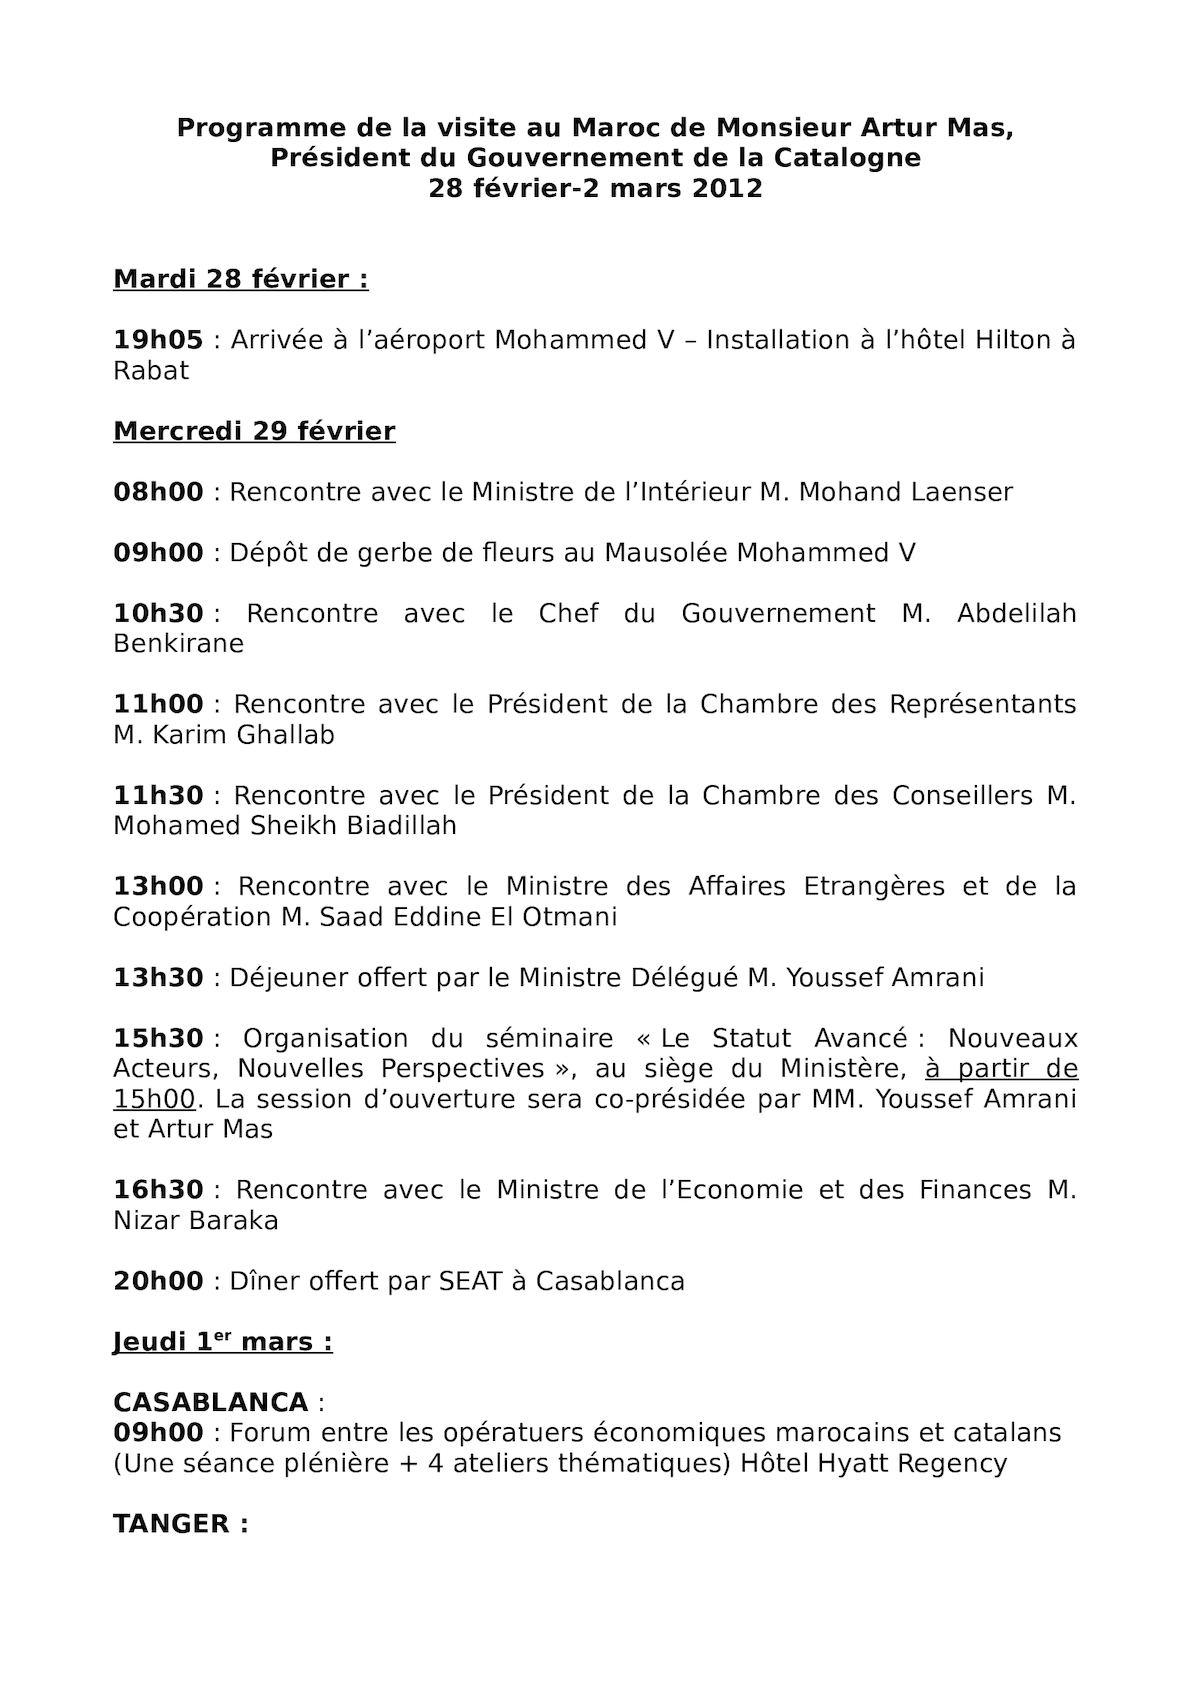 Programme Visite  Artur Mas(1).